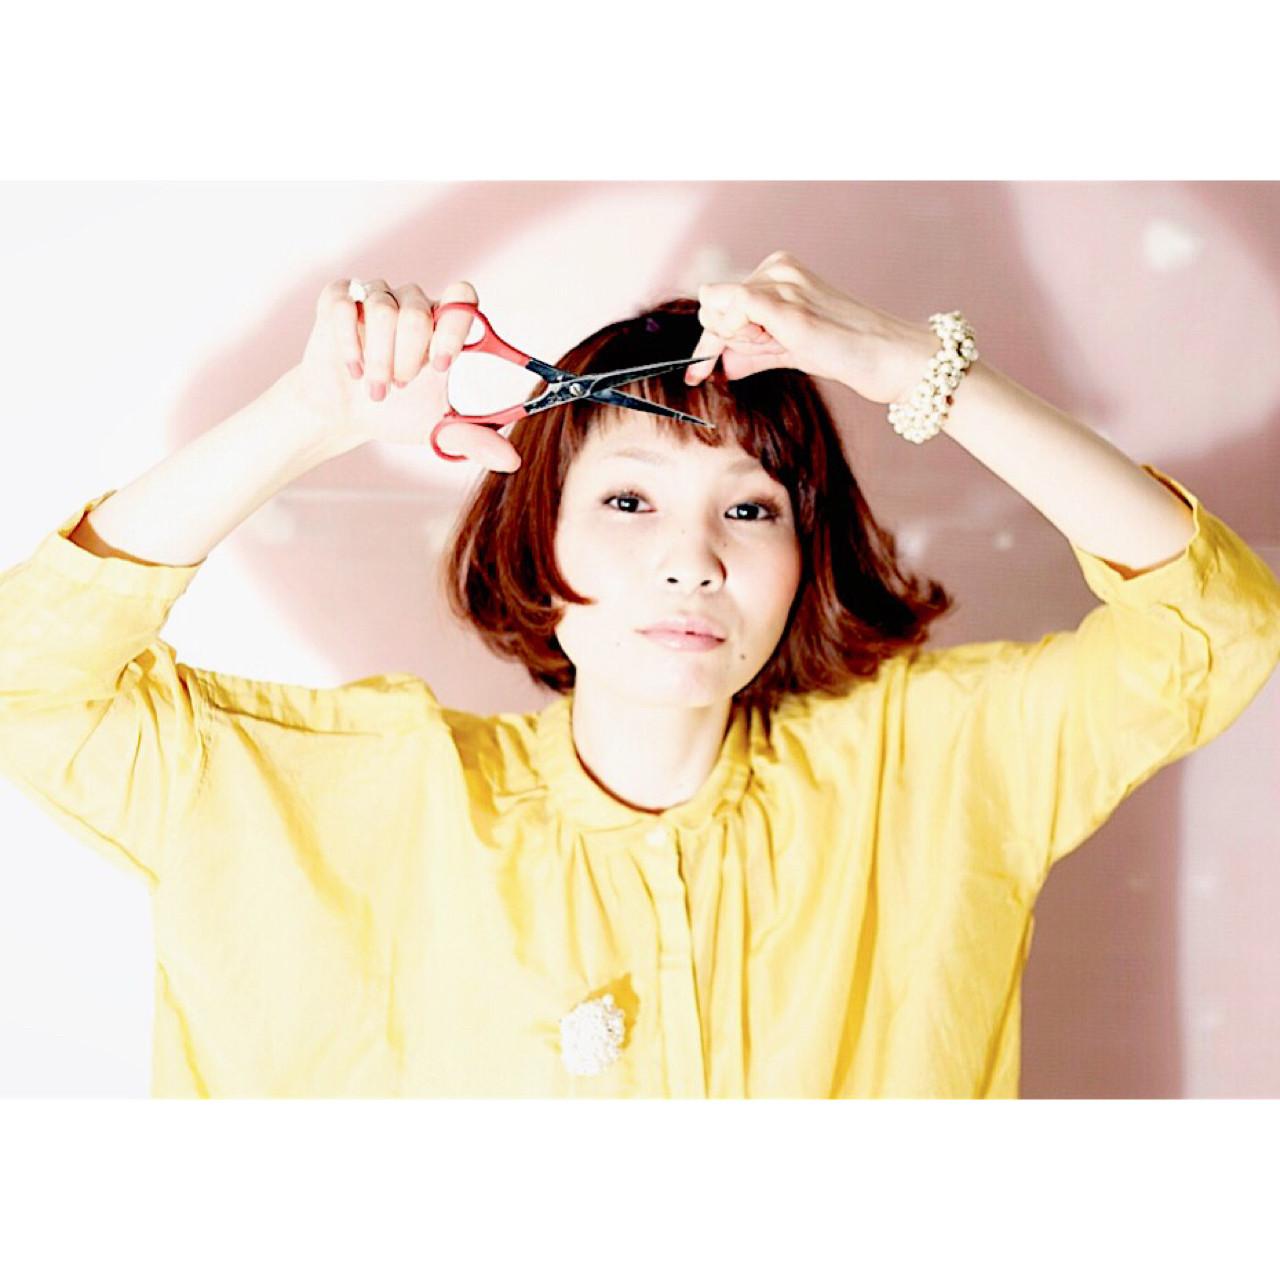 好印象をGETしたい!初心者でもできる前髪ヘアアレンジ Rikiya Sakamoto / ディーズガレージ